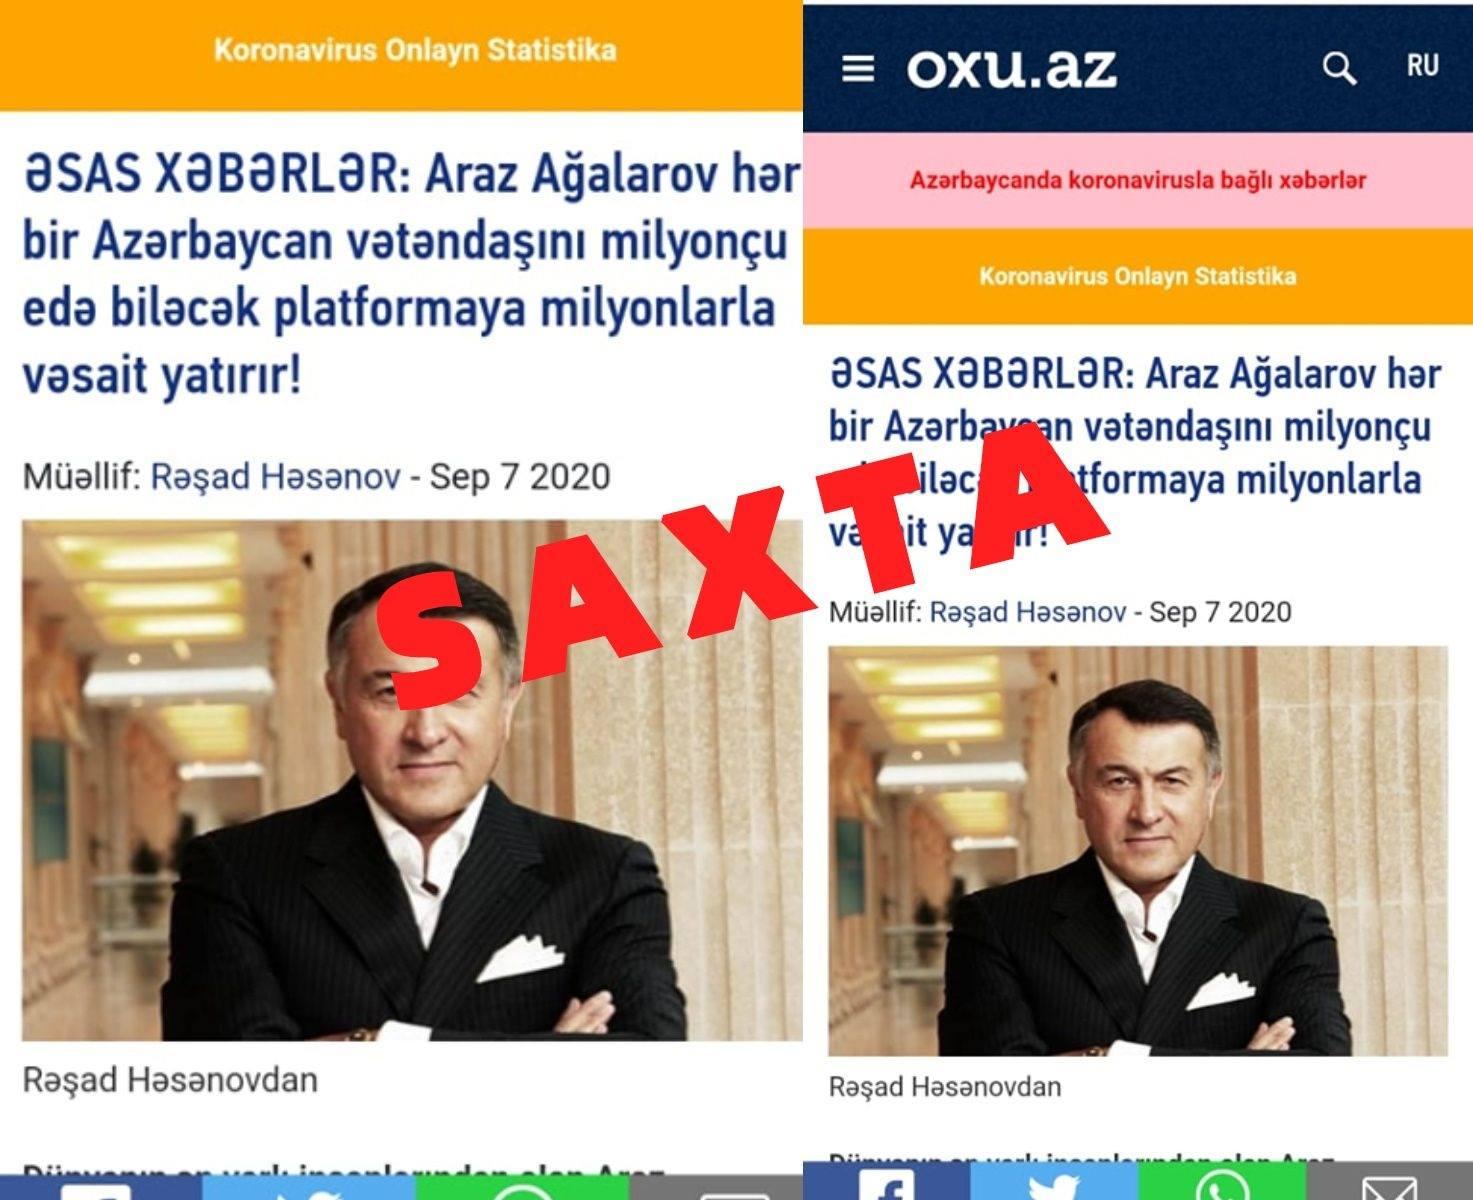 Oxu Az Oxu Az Adindan Yenə Də Saxta Məlumatlar Yayimlanir